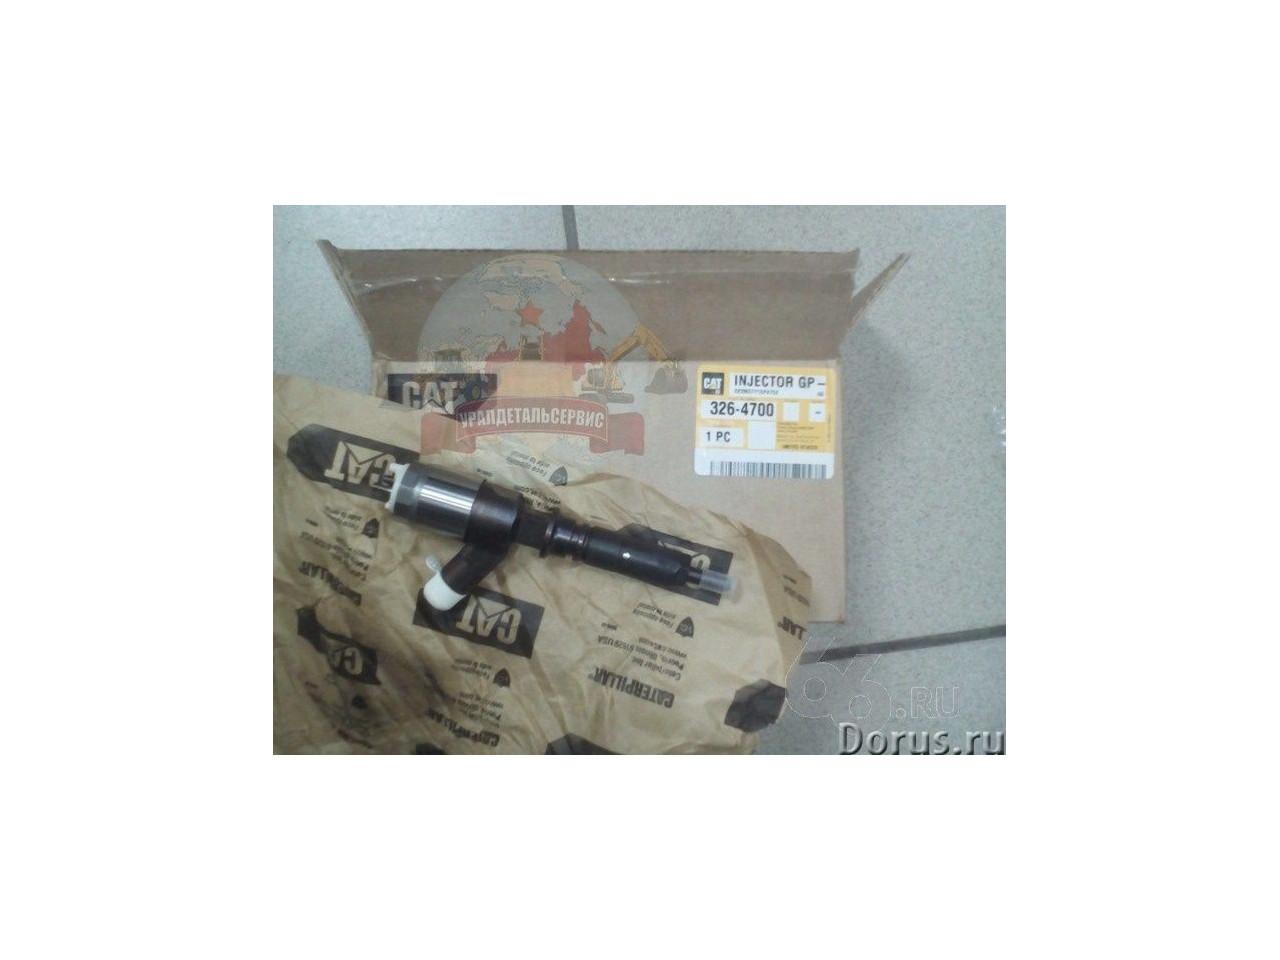 Форсункa CAT c6.4 / 320d 326-4700